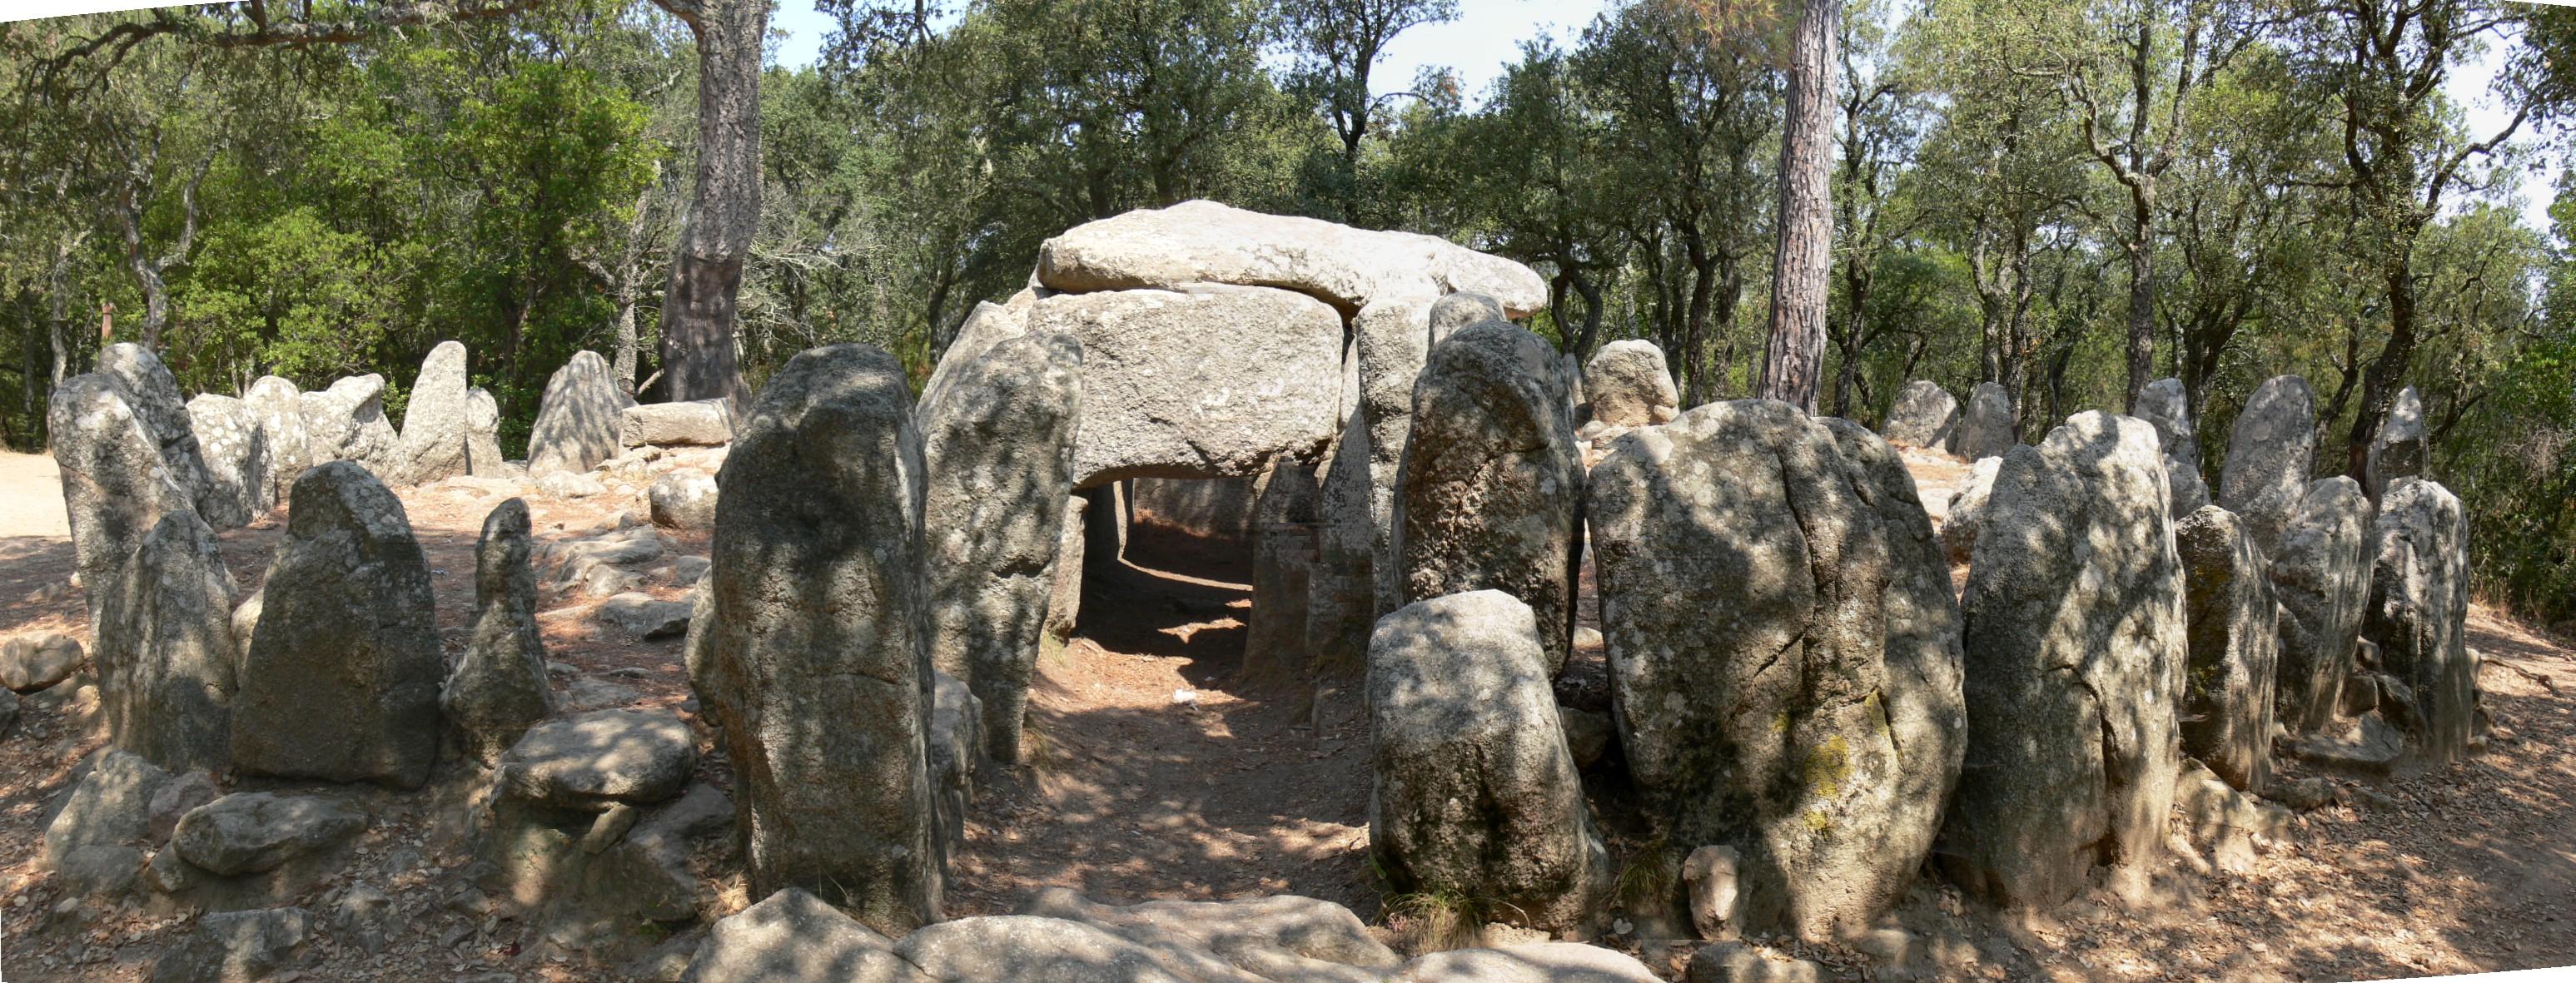 El dolment de la Cova d'en Daina és el més important de les Gavarres. Declarat com a Bé Cultural d'Interès Nacional, és un bon exemplar de dolment de galeria catalana. La imatge és una vista frontal del monument megalític, on es veu l'entrada, el corredor d'accés i la cambra funerària al fons. Tot encerclat pel cromlech, el cinturó de pedres que aguantava el túmul de terra amb què es cobria l'estructura. Ens hem d'imaginar que el que veiem avui dia és l'esquelet de pedra qua anava enterrat i el que es veia era una petita muntanyeta. Tot el  conjunt fa deu metres de diàmetre.